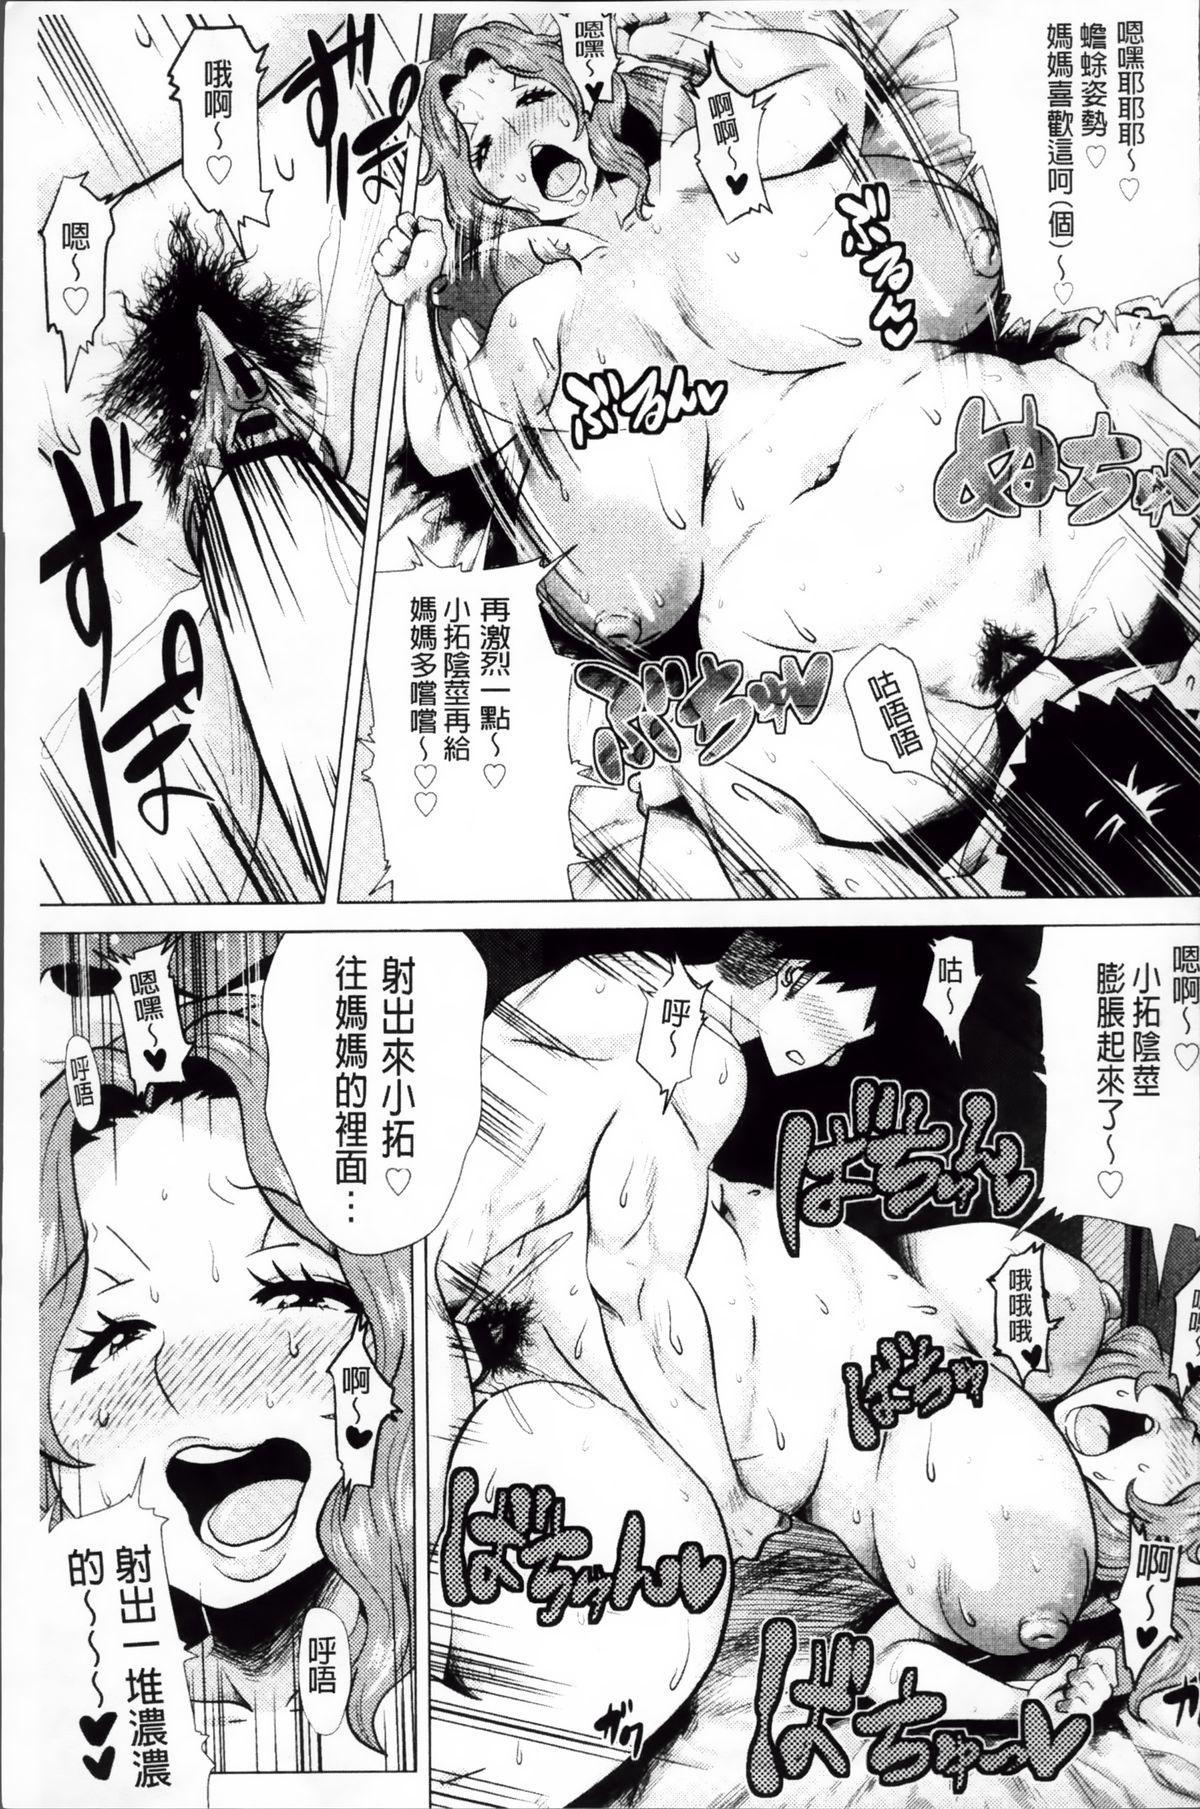 Megabody Night - Watashi no Oniku o Meshiagare 24